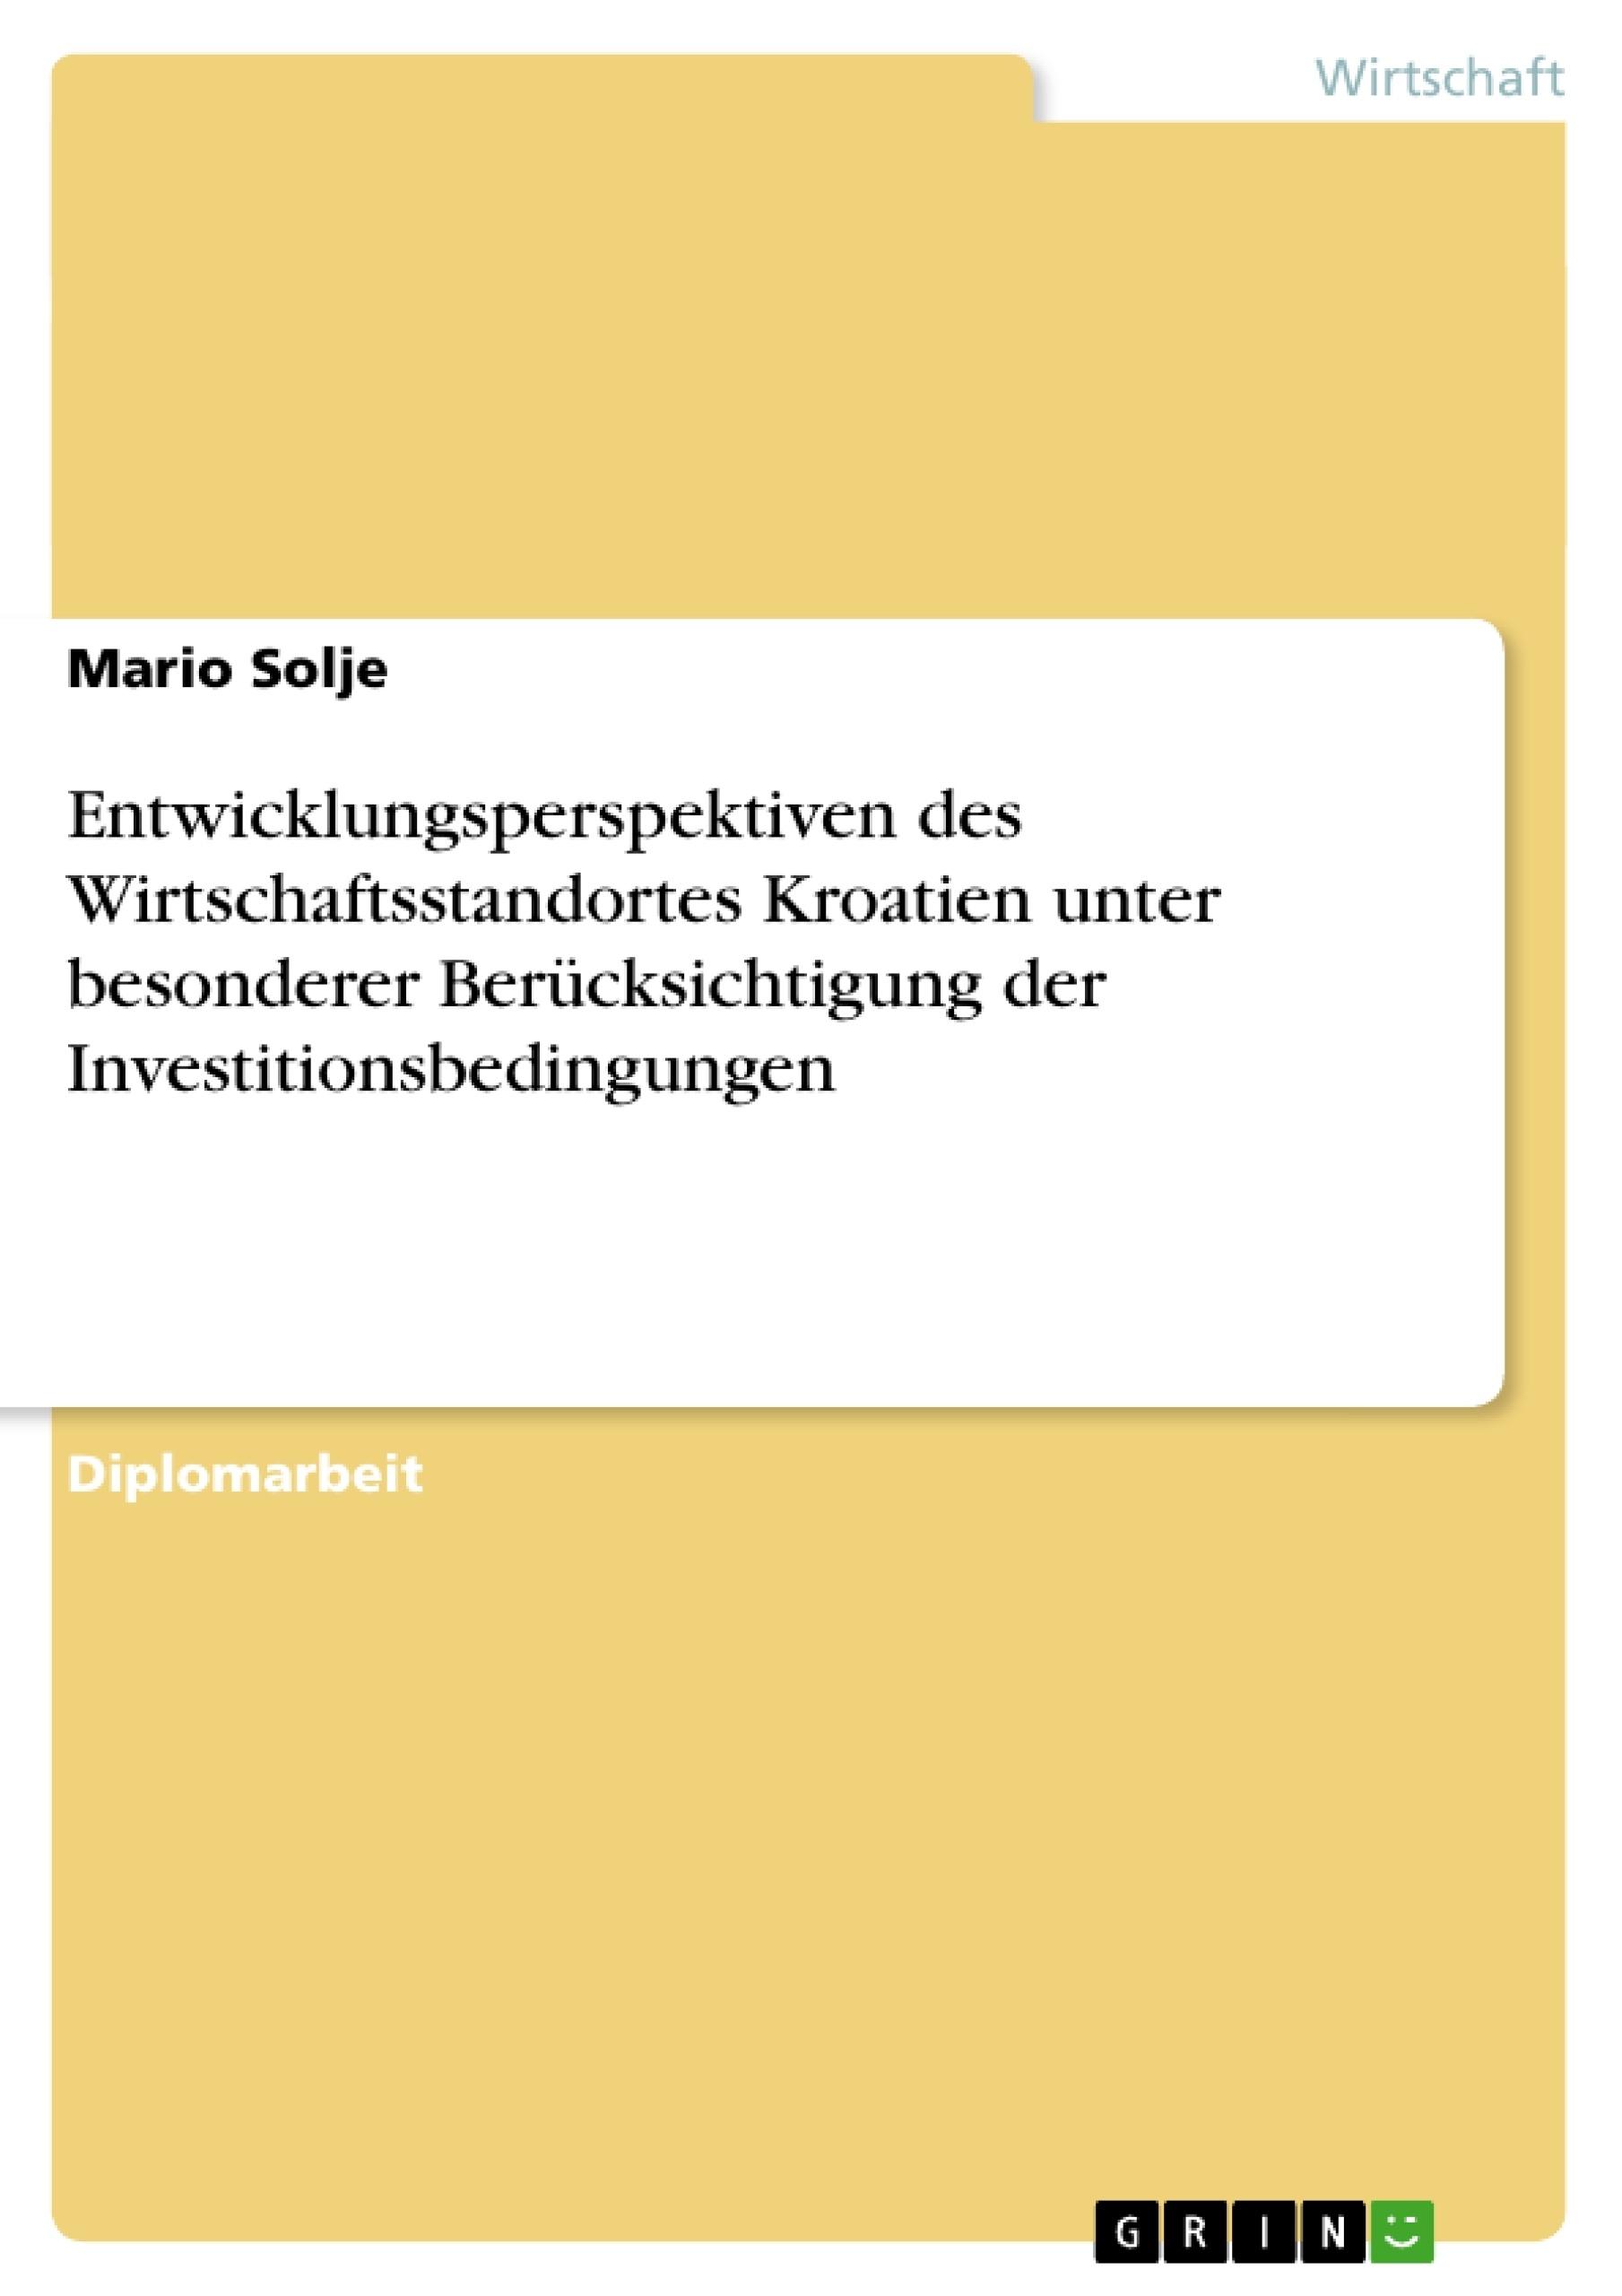 Titel: Entwicklungsperspektiven des Wirtschaftsstandortes Kroatien unter besonderer Berücksichtigung der Investitionsbedingungen